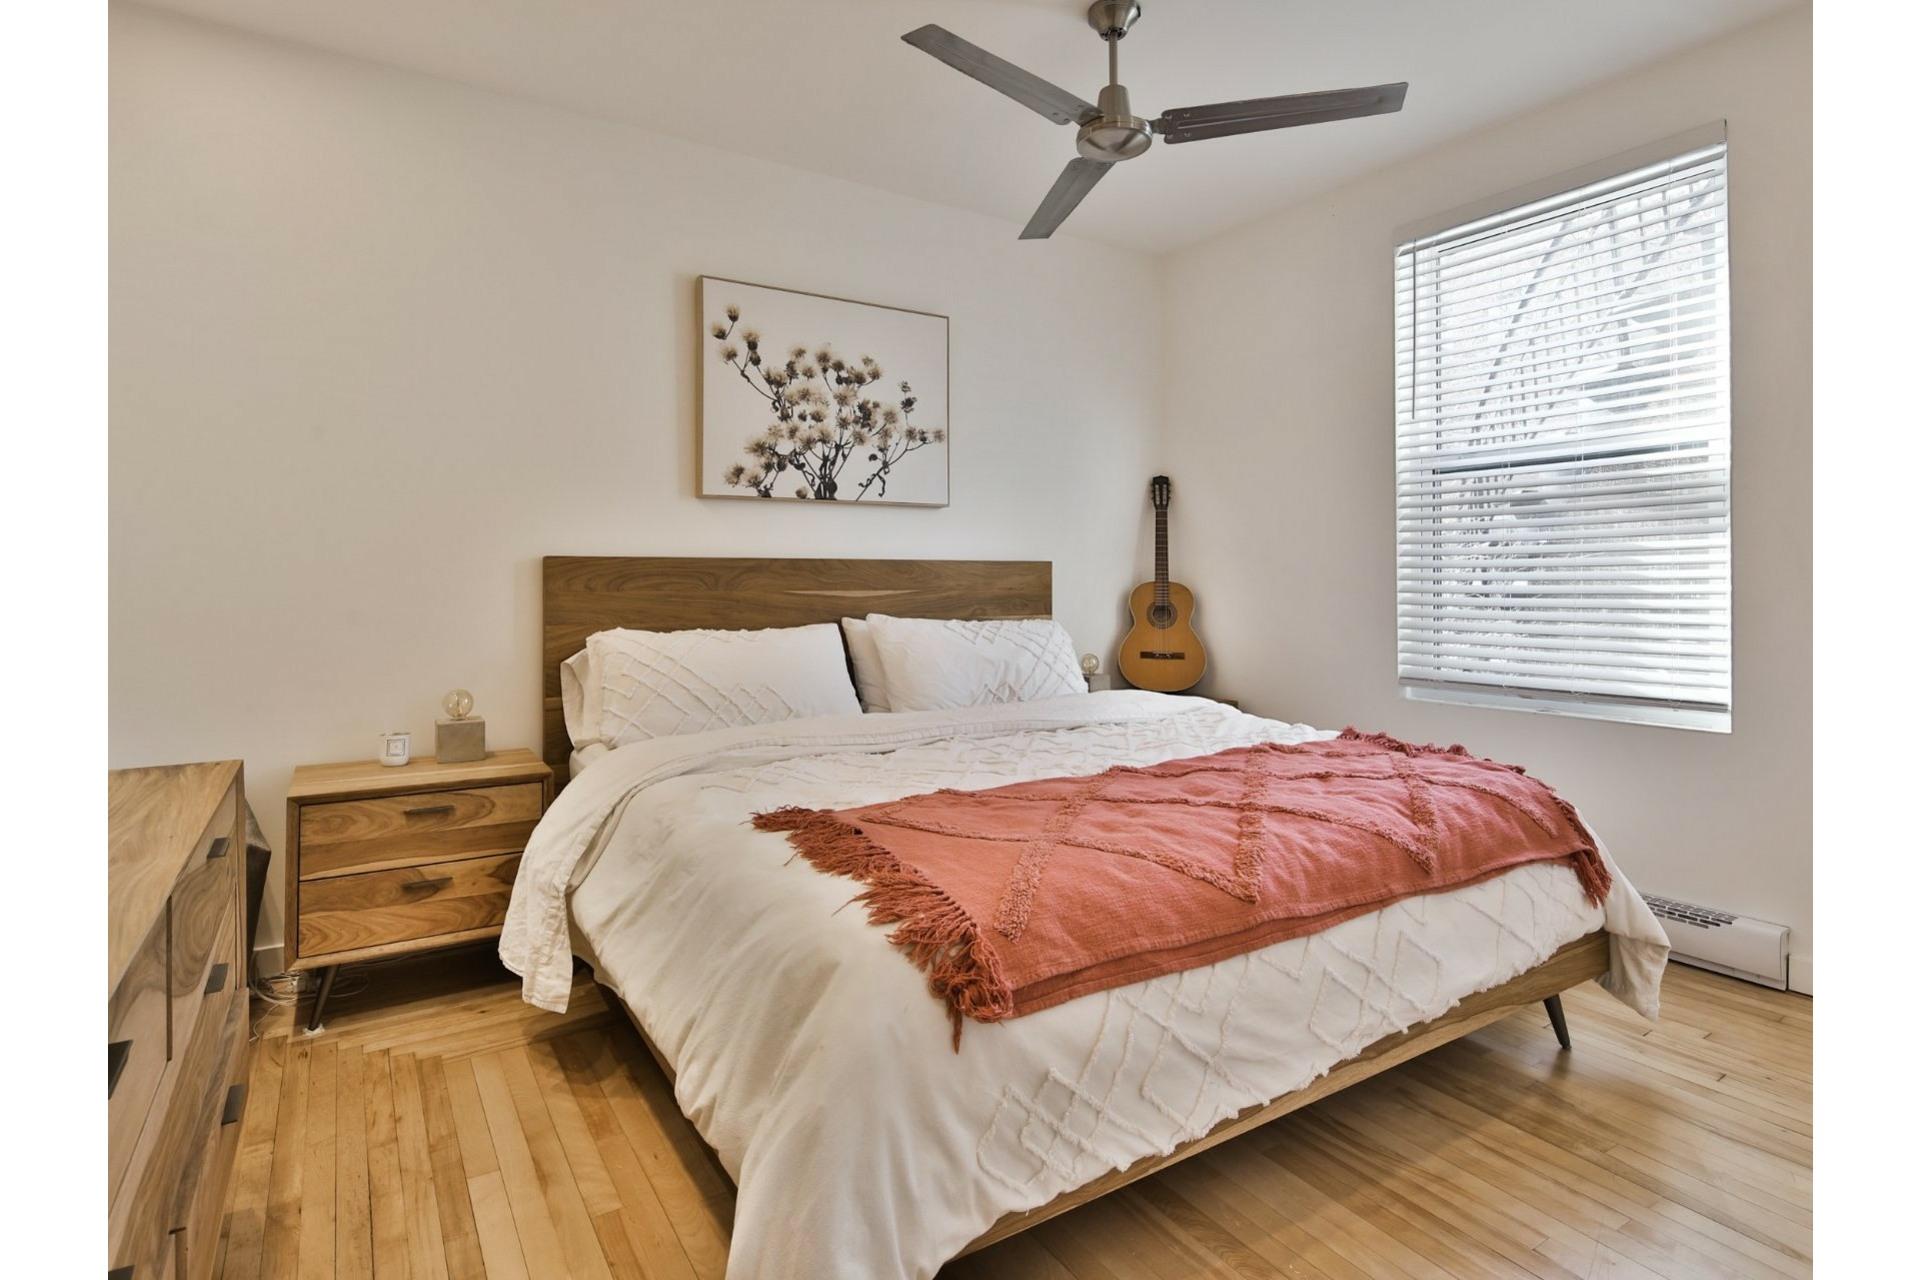 image 7 - Appartement À vendre Le Plateau-Mont-Royal Montréal  - 12 pièces